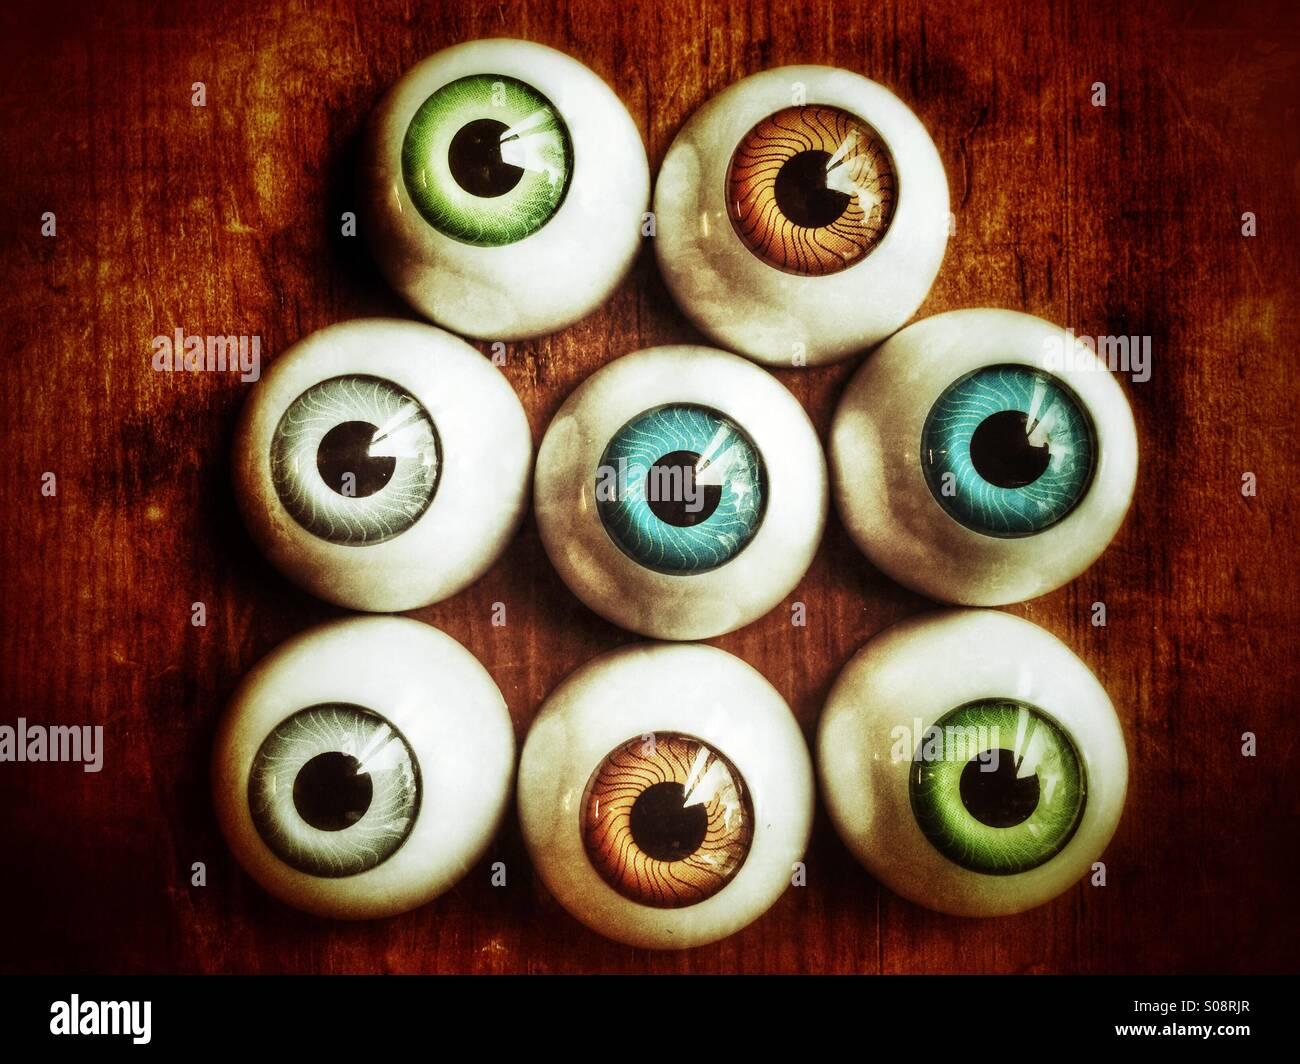 Eyes watching - Stock Image